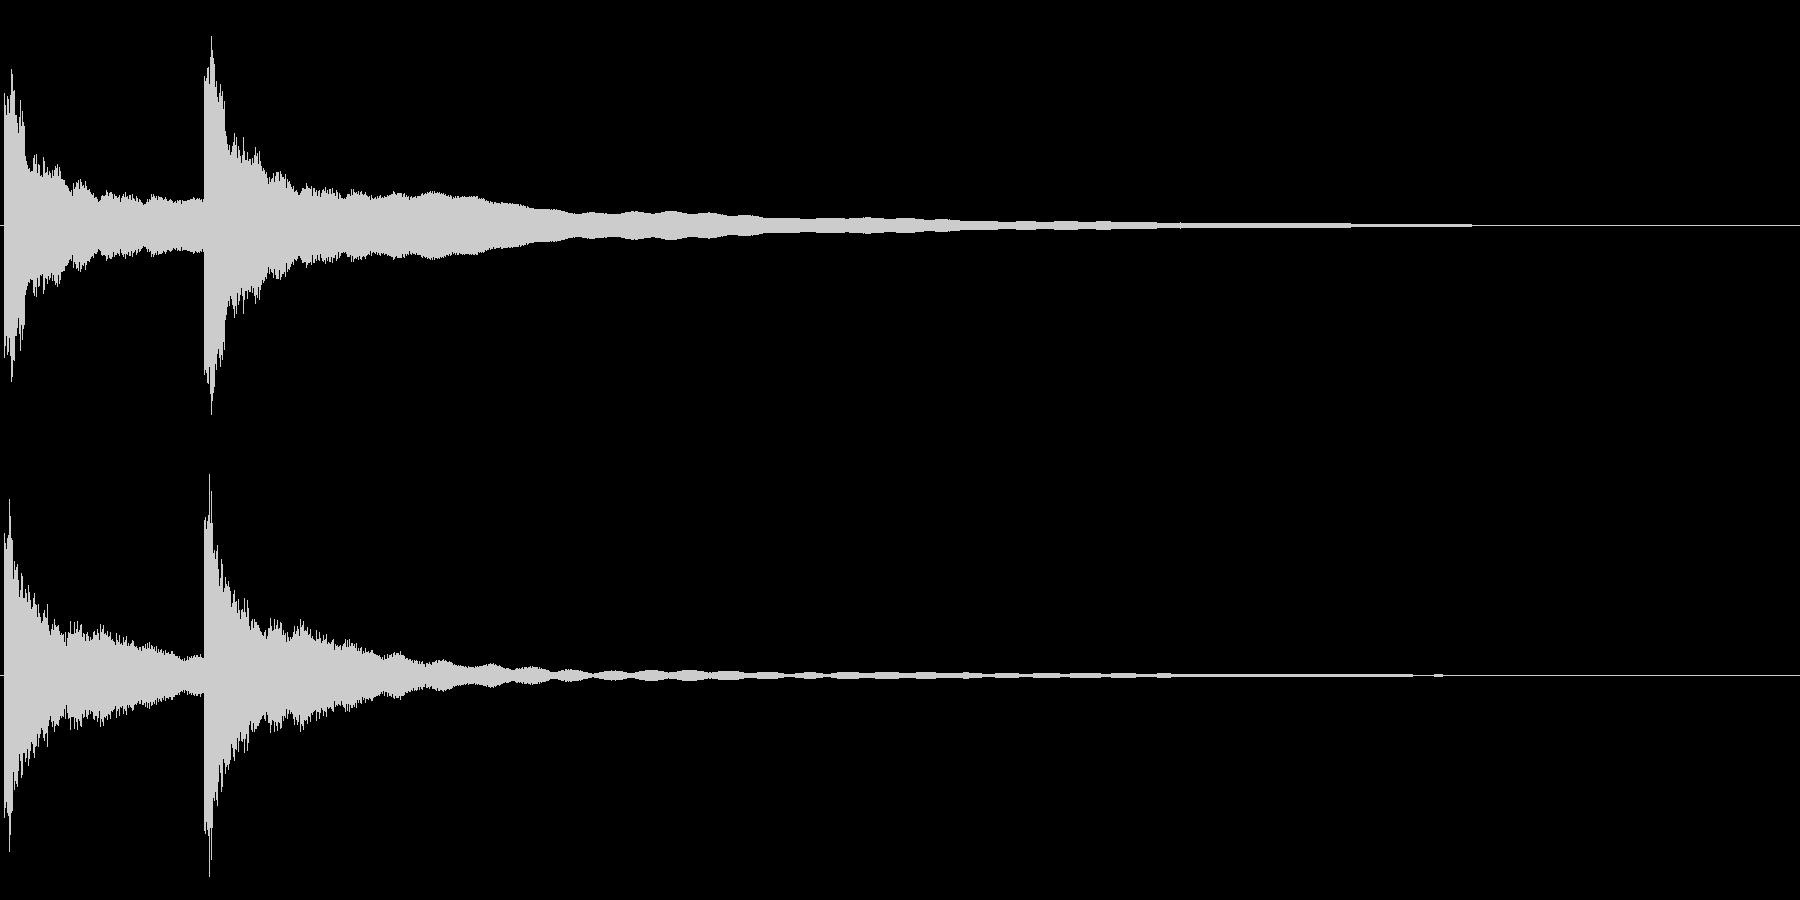 カーンカーン 西洋の鐘の音1 リバーブ付の未再生の波形